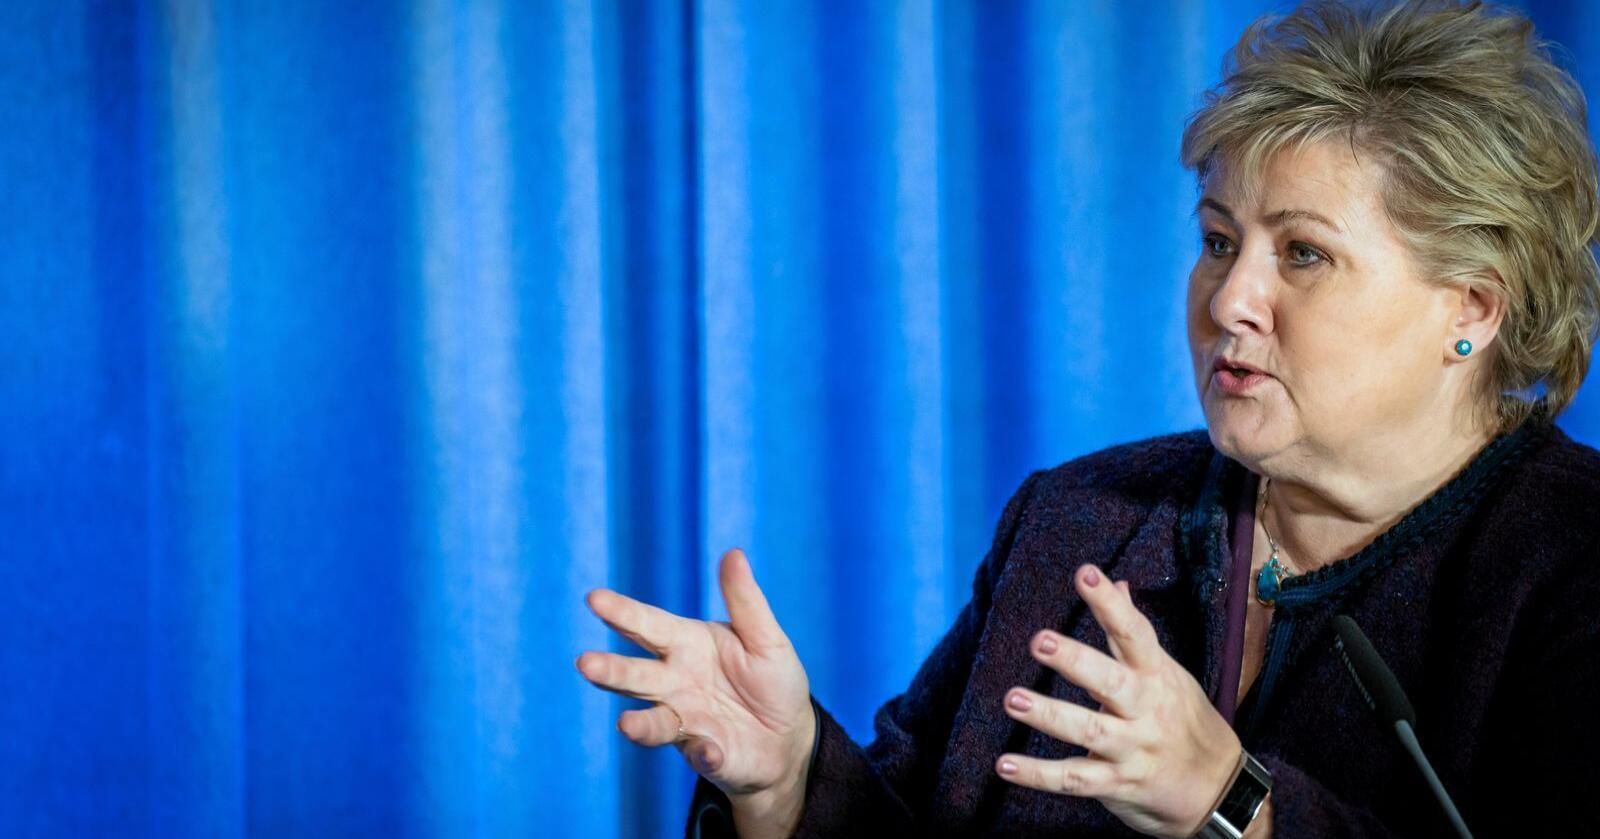 """Robust: Regjeringen og statsminister Erna Solberg vil neppe gi opp ordet """"robust"""", heller ikke når verden og vi er over den dramatiske koronakrisen. Foto: Heiko Junge / NTB scanpix"""